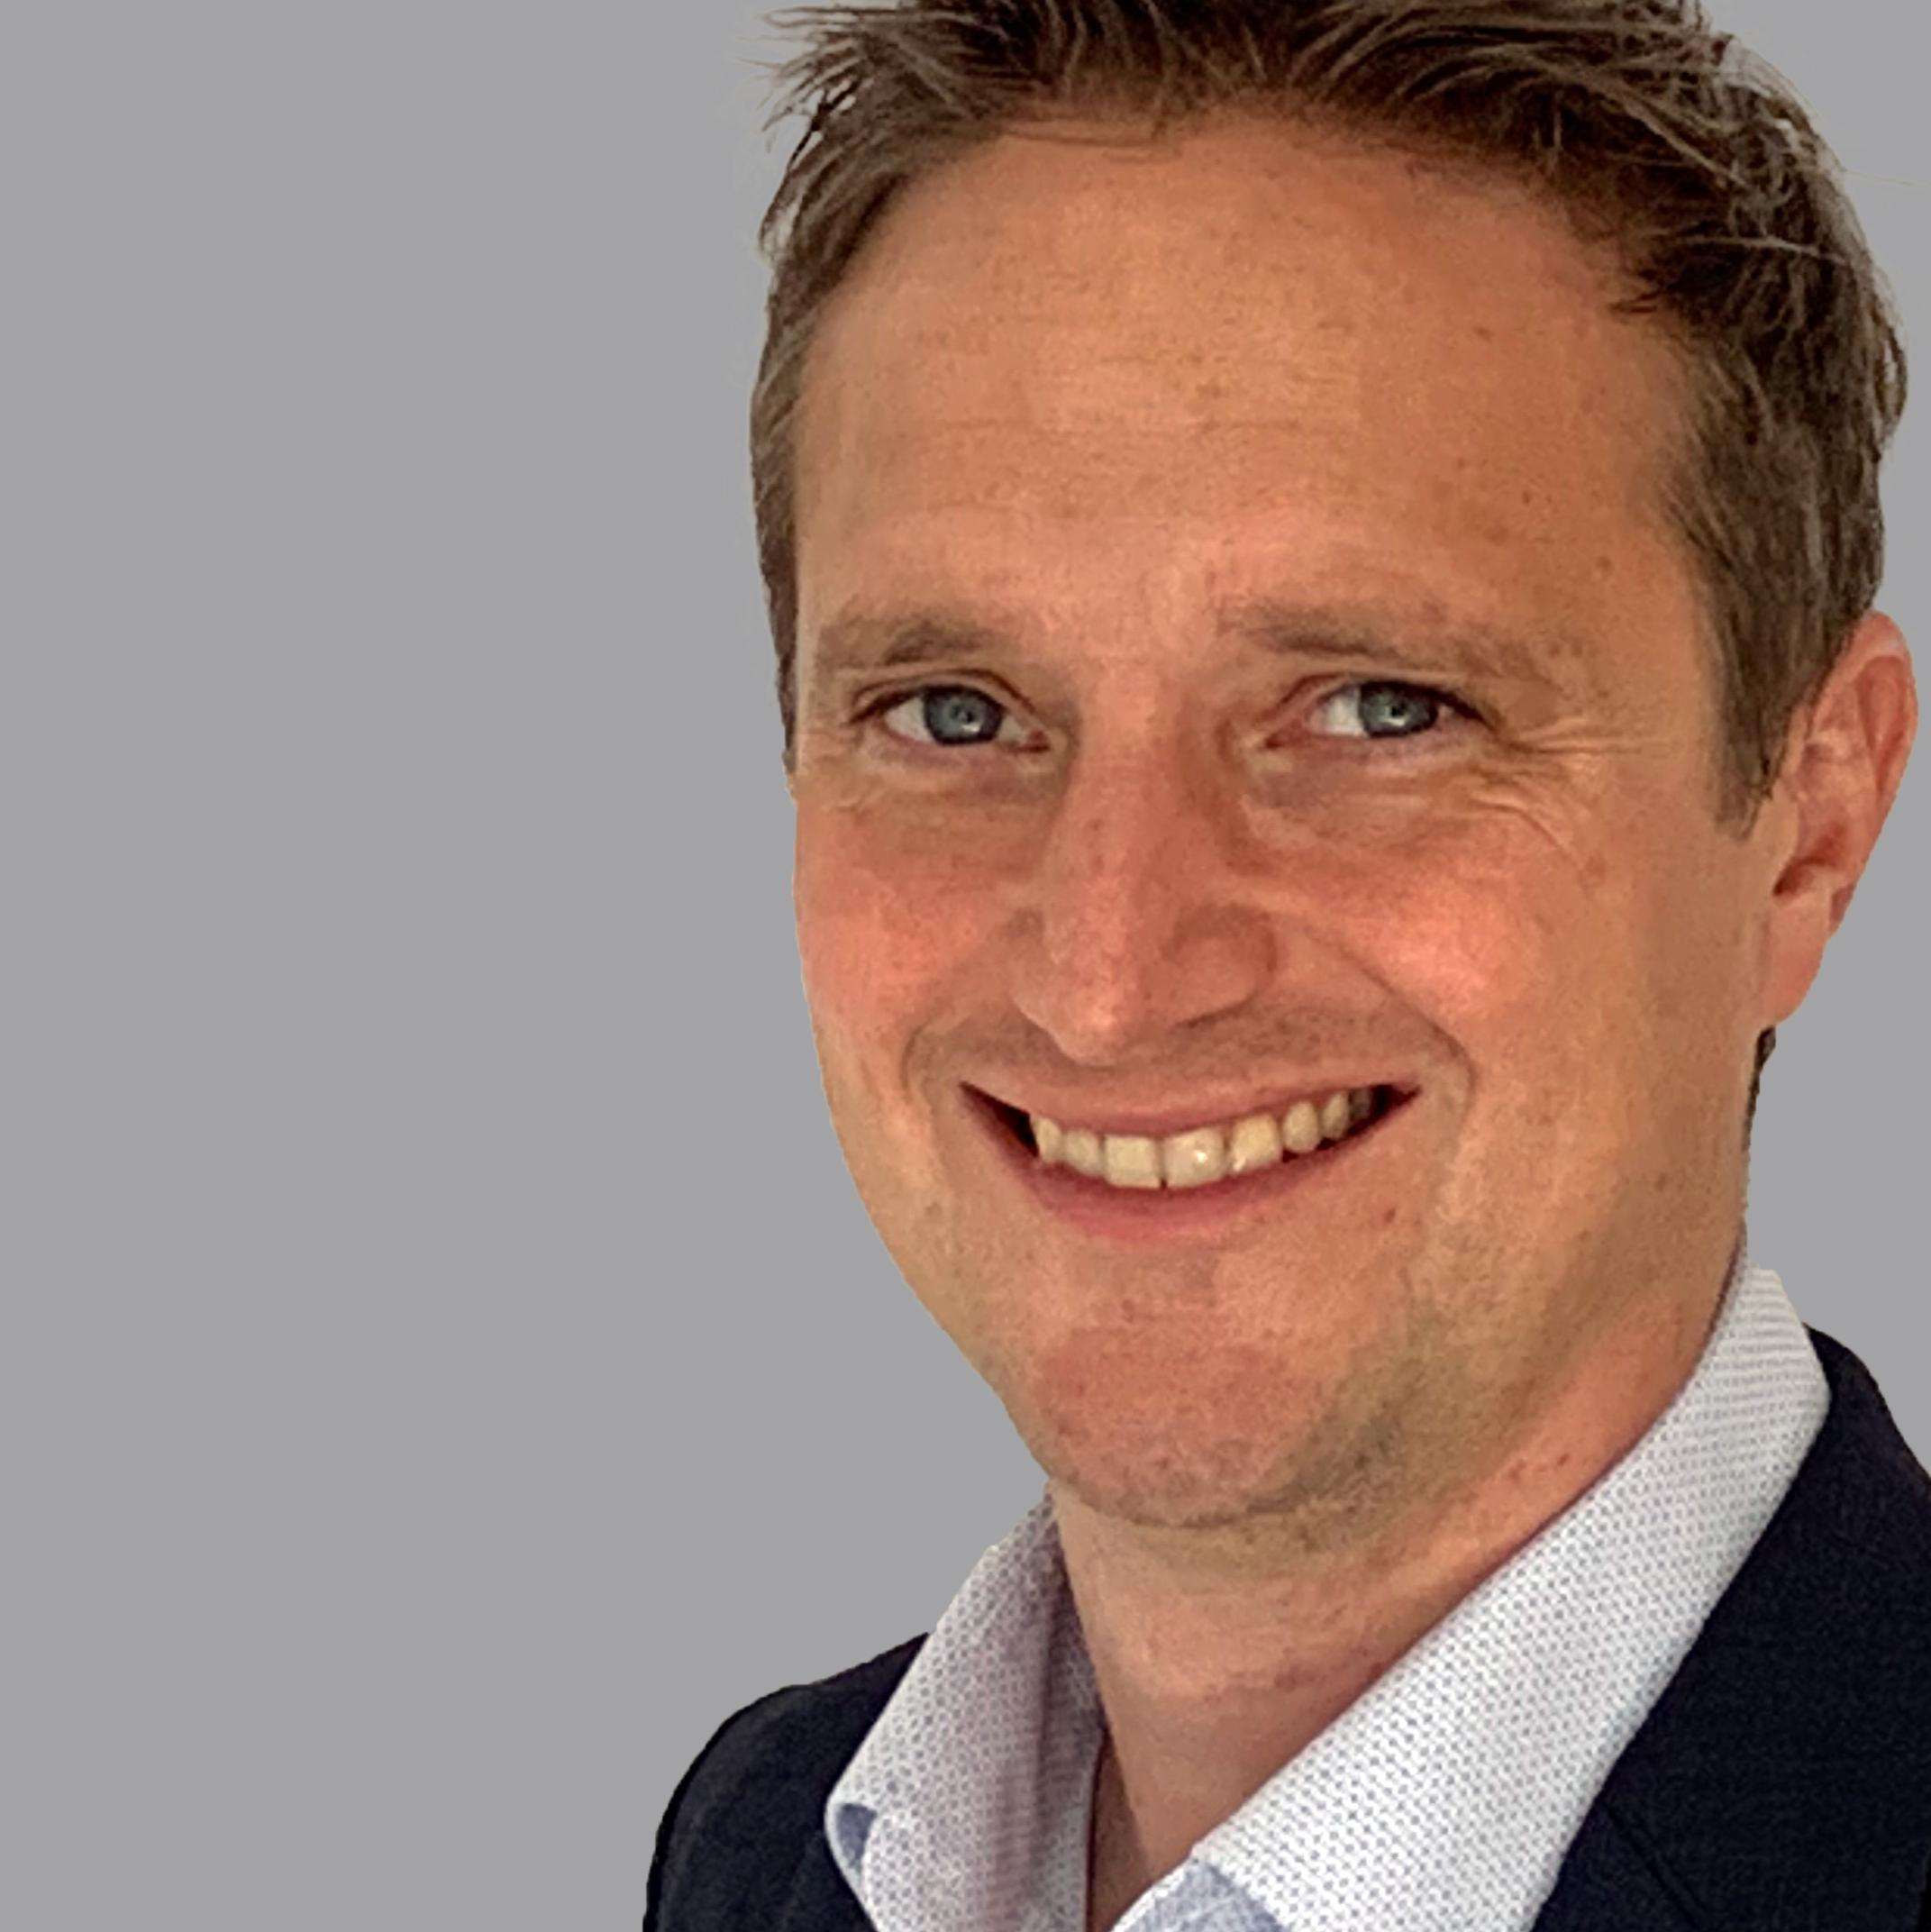 Andrew Barford